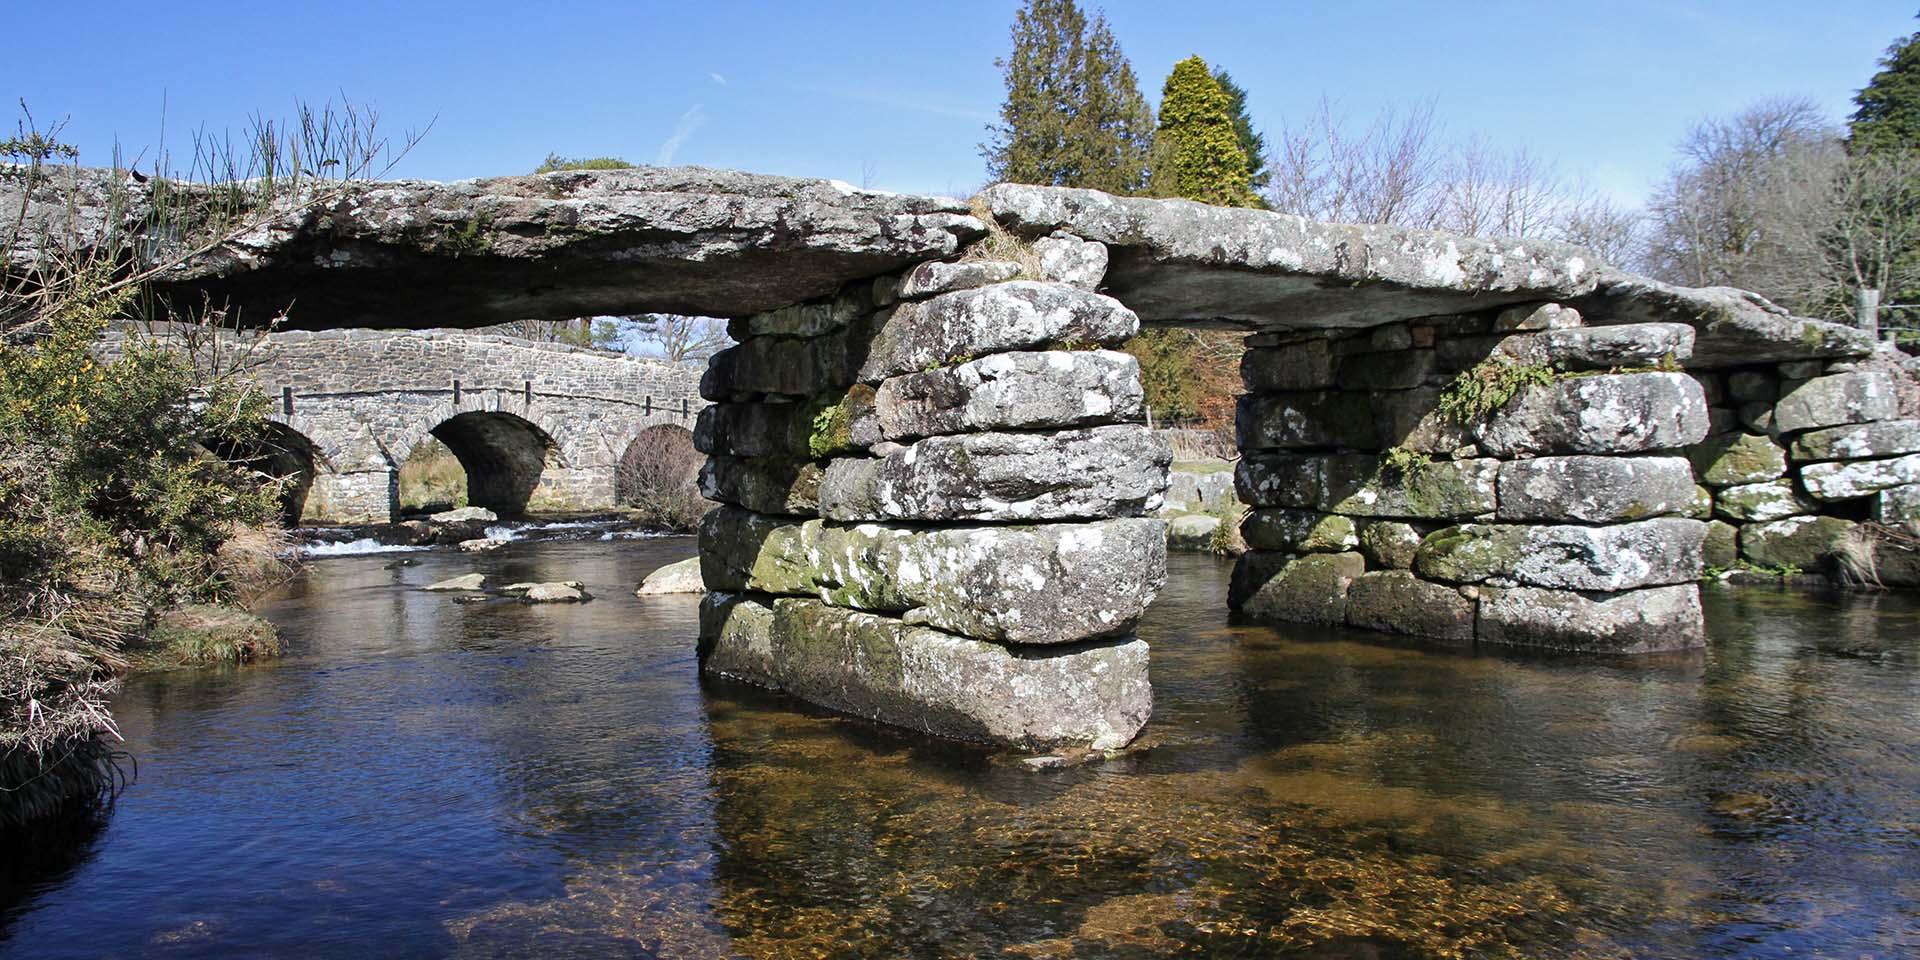 Postbridge clapper bridge and river